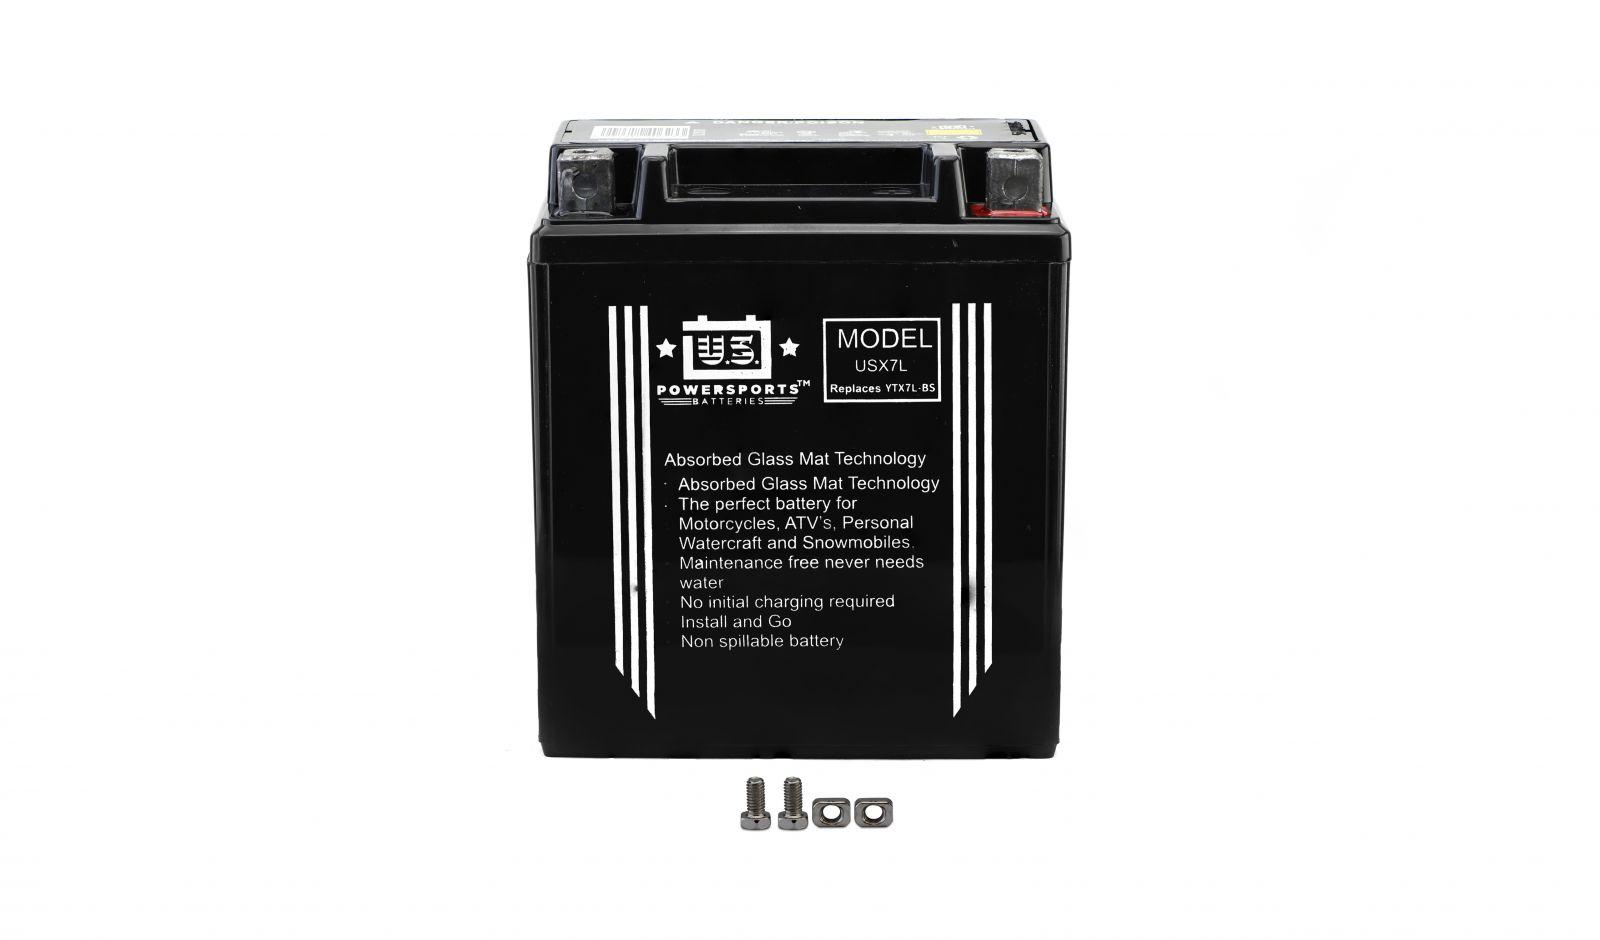 us powersports sealed battery - 501075U image